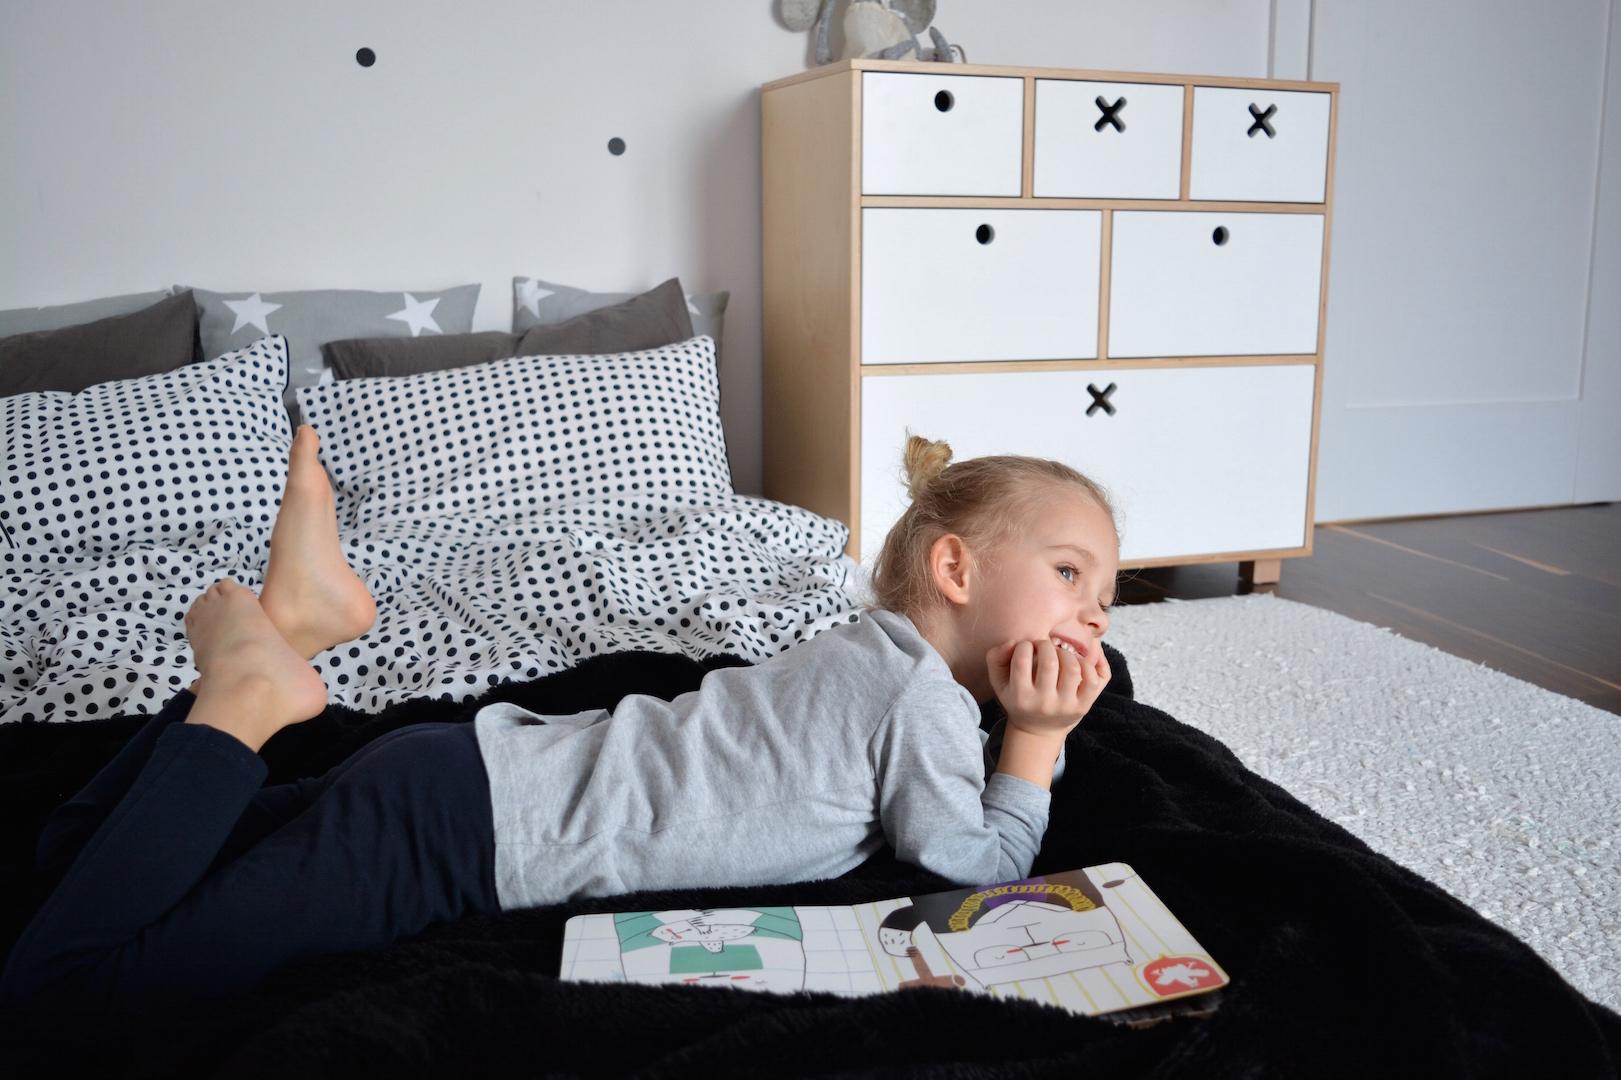 pokój dziewczynki, pokój przedszkolaka, komoda kółko krzyżyk, pokój dziecka, pokój w stylu skandynawskim, ściana tablicowa, meble dla dzieci, meble ze sklejki